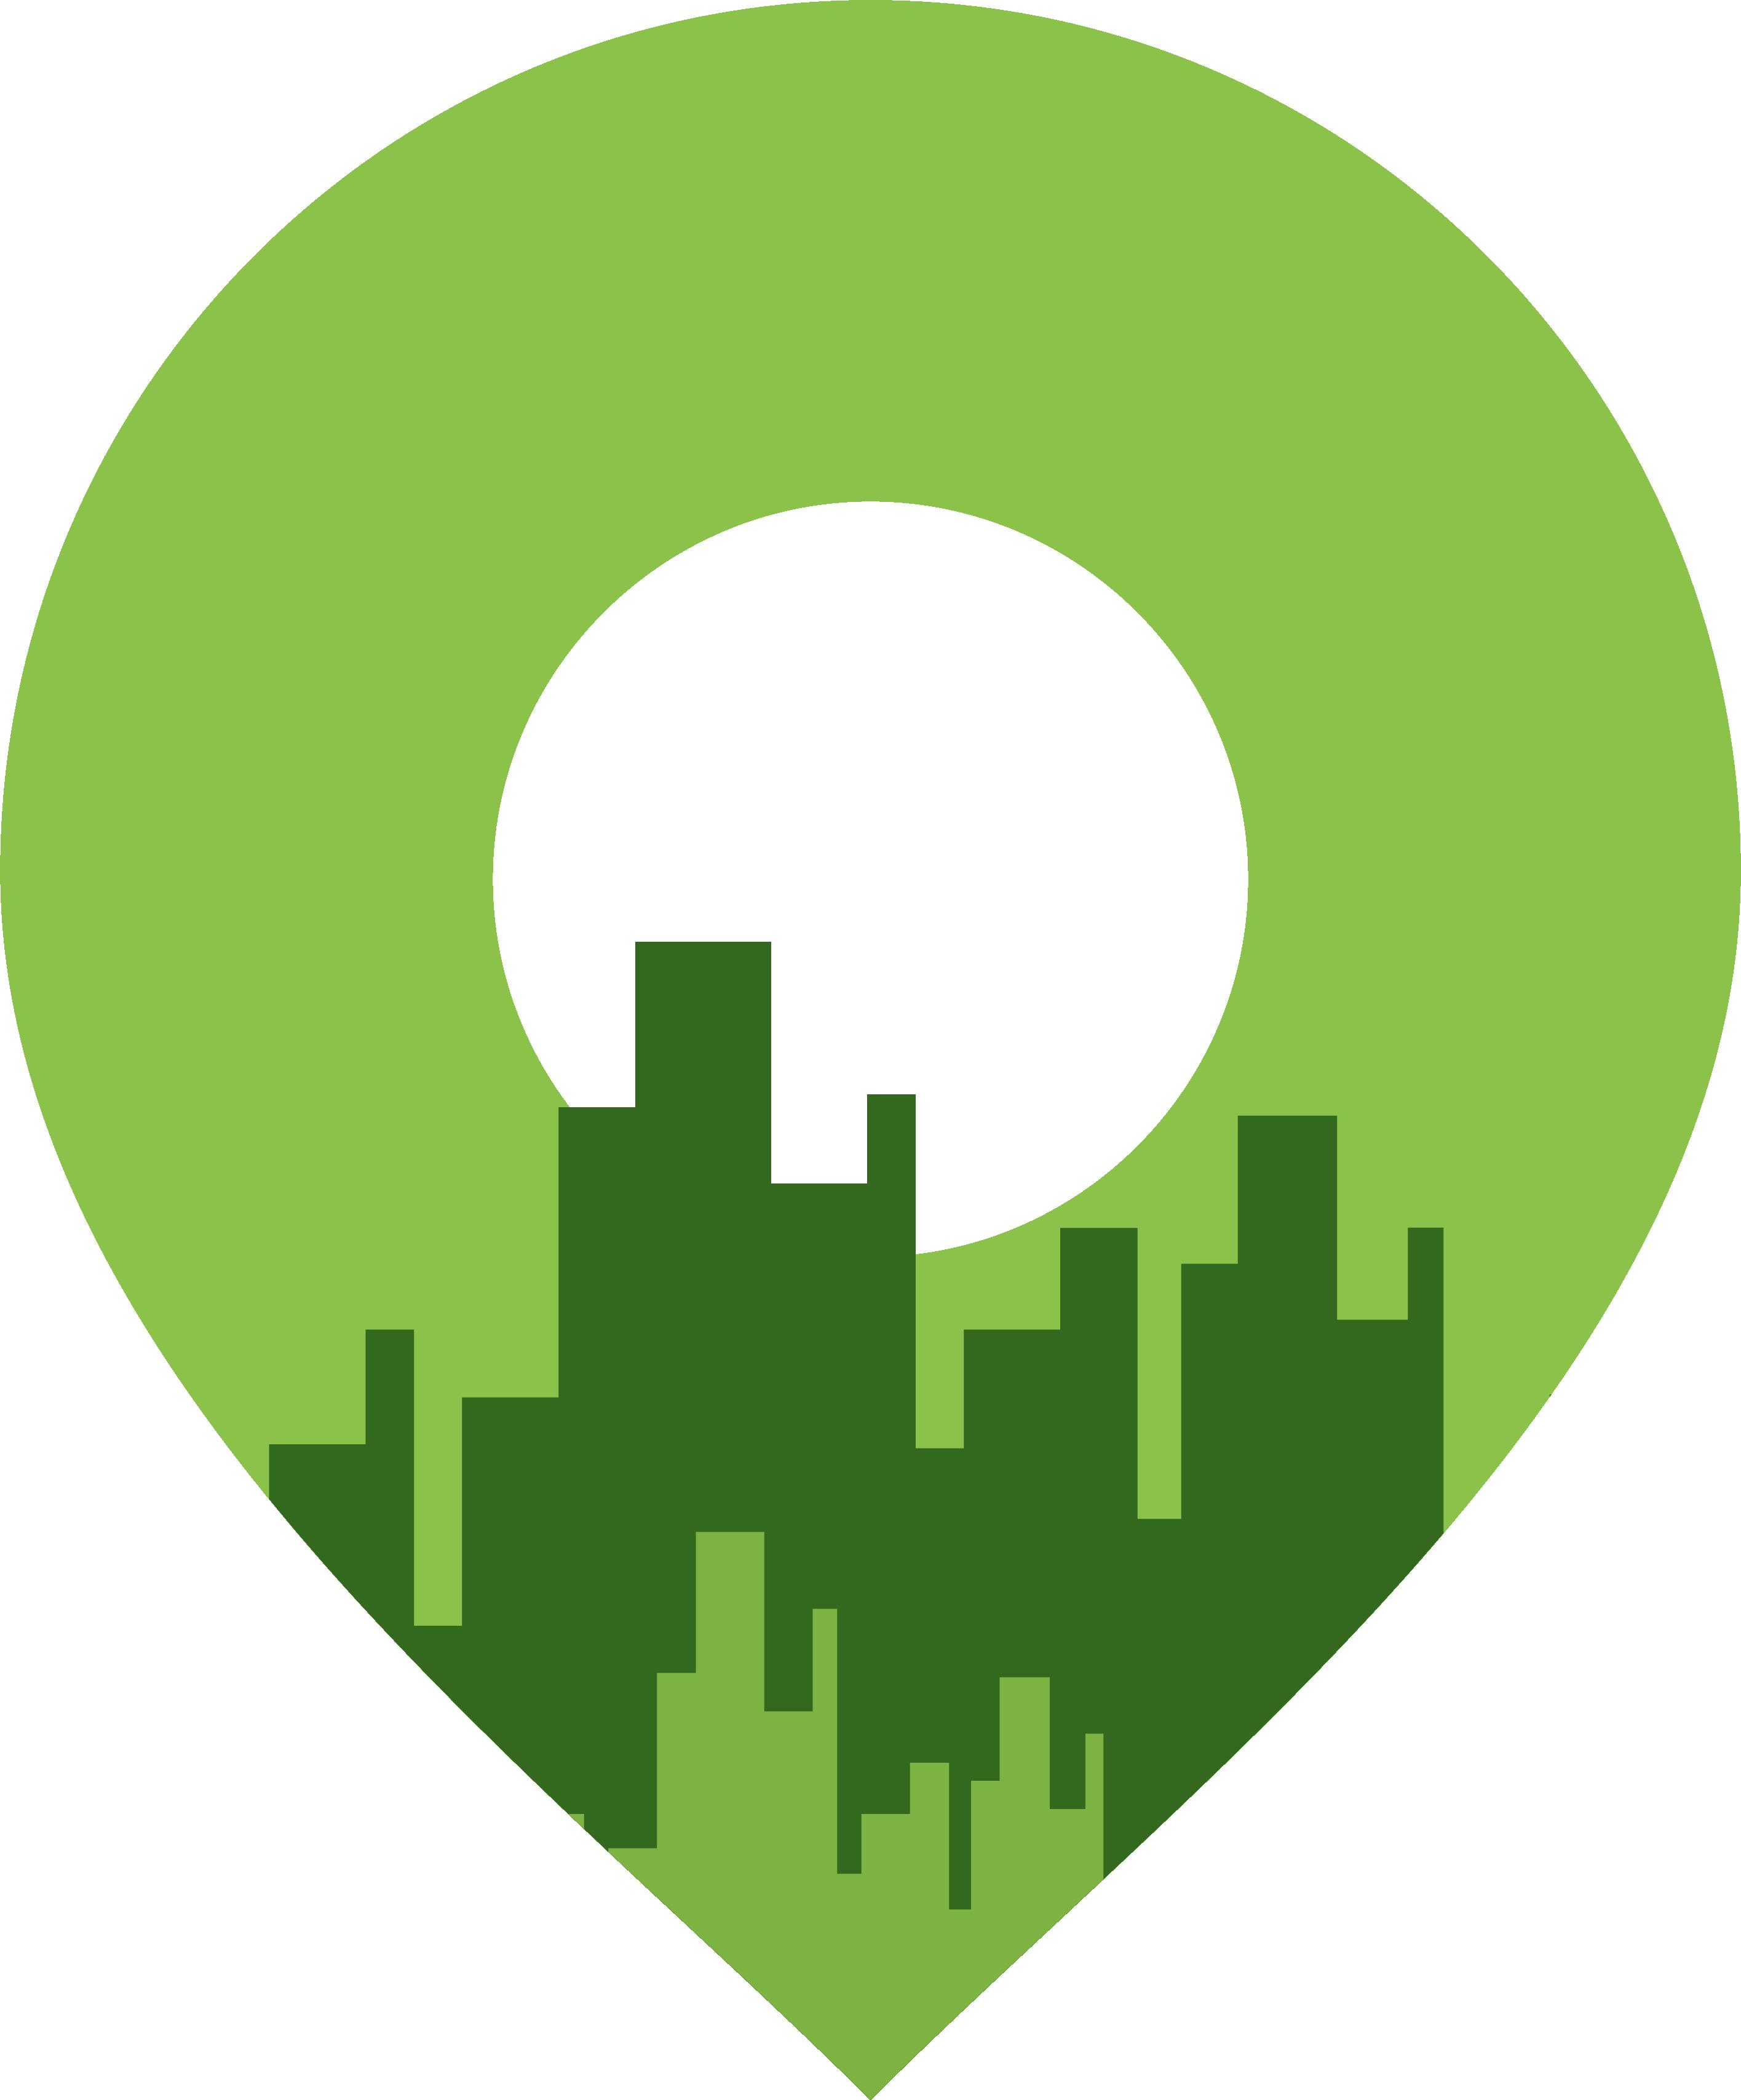 icon_kcon-local 4x